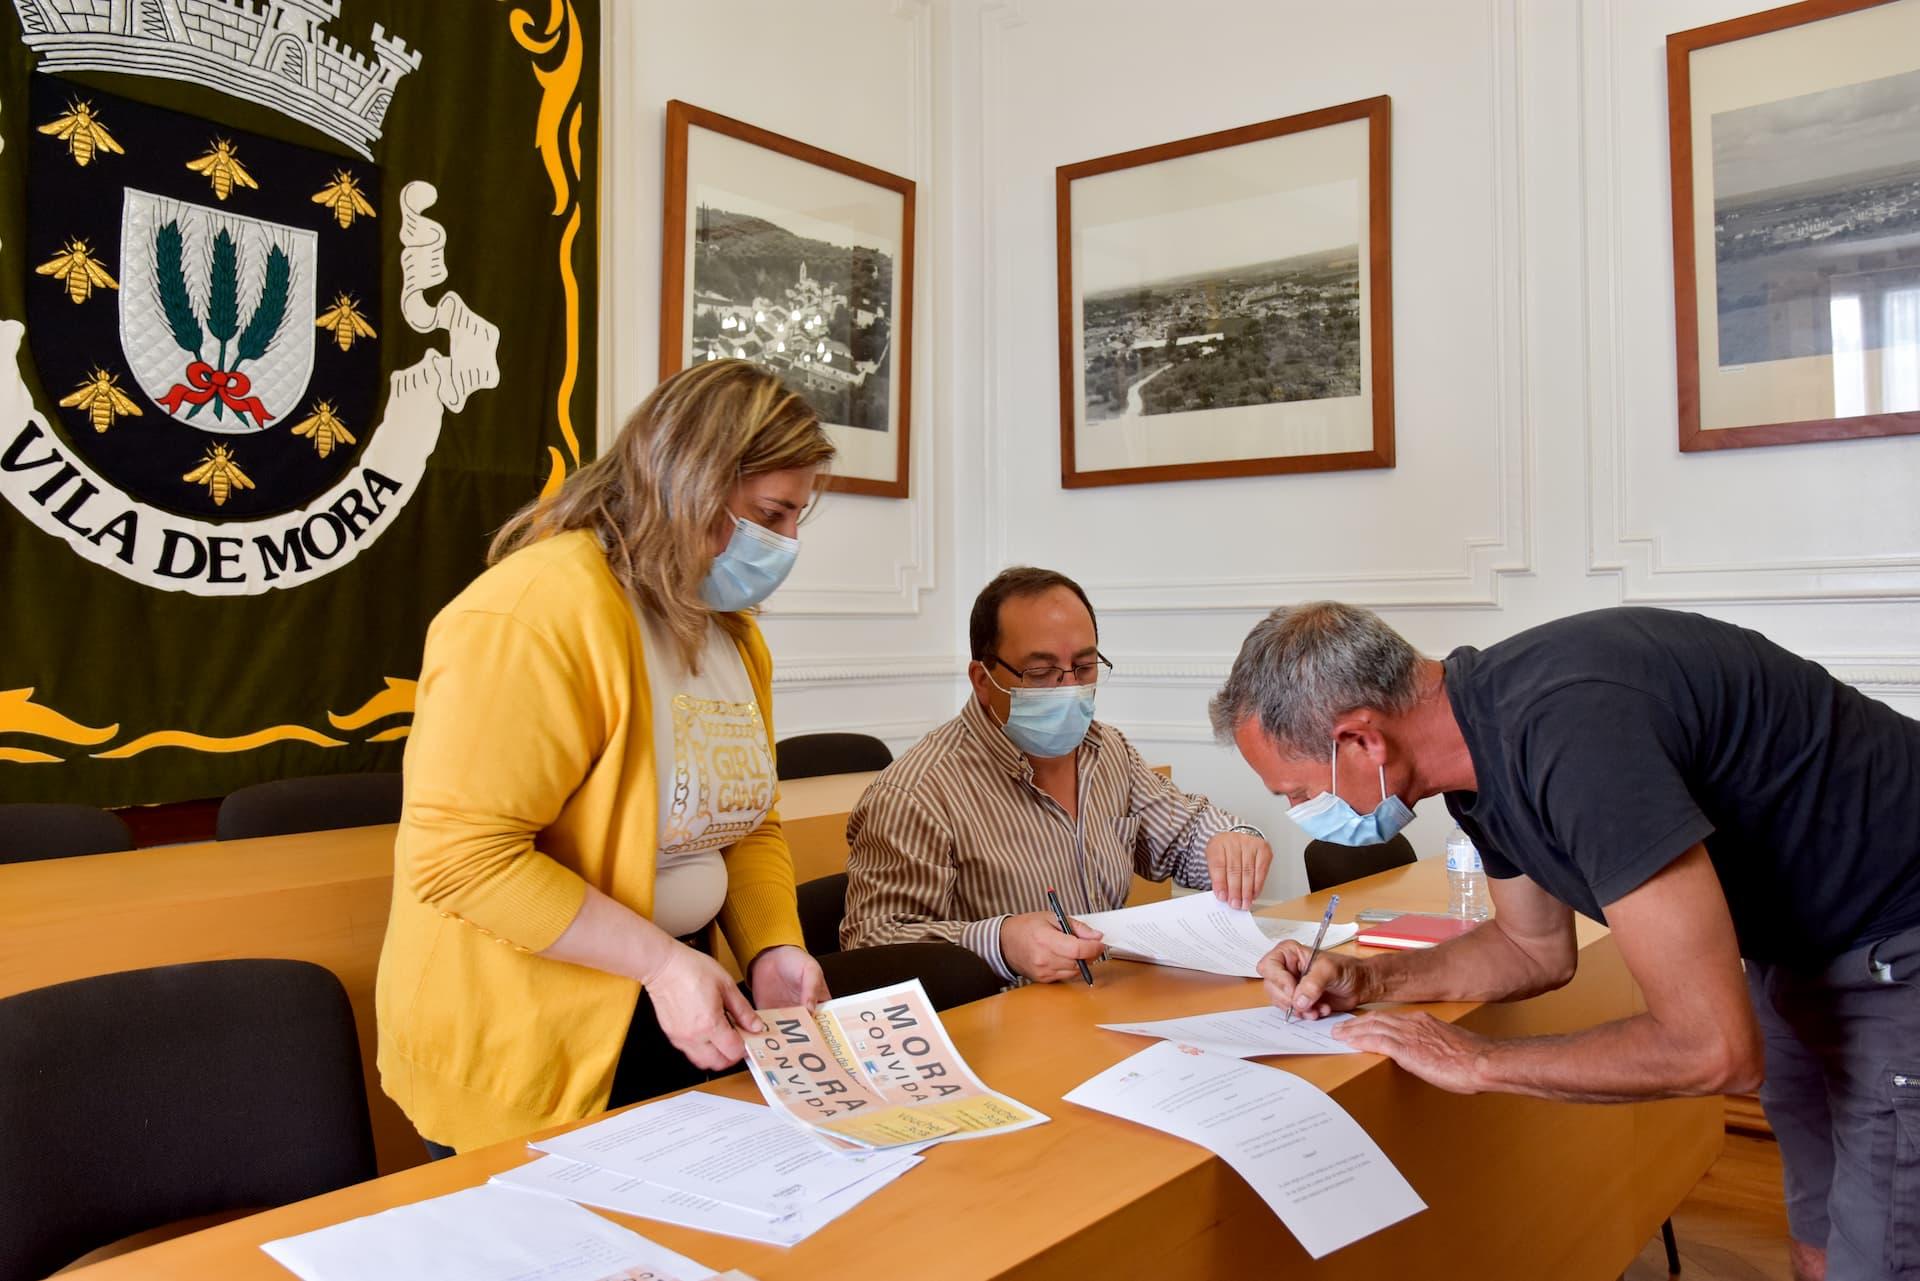 Câmara Municipal de Mora promove sector do turismo